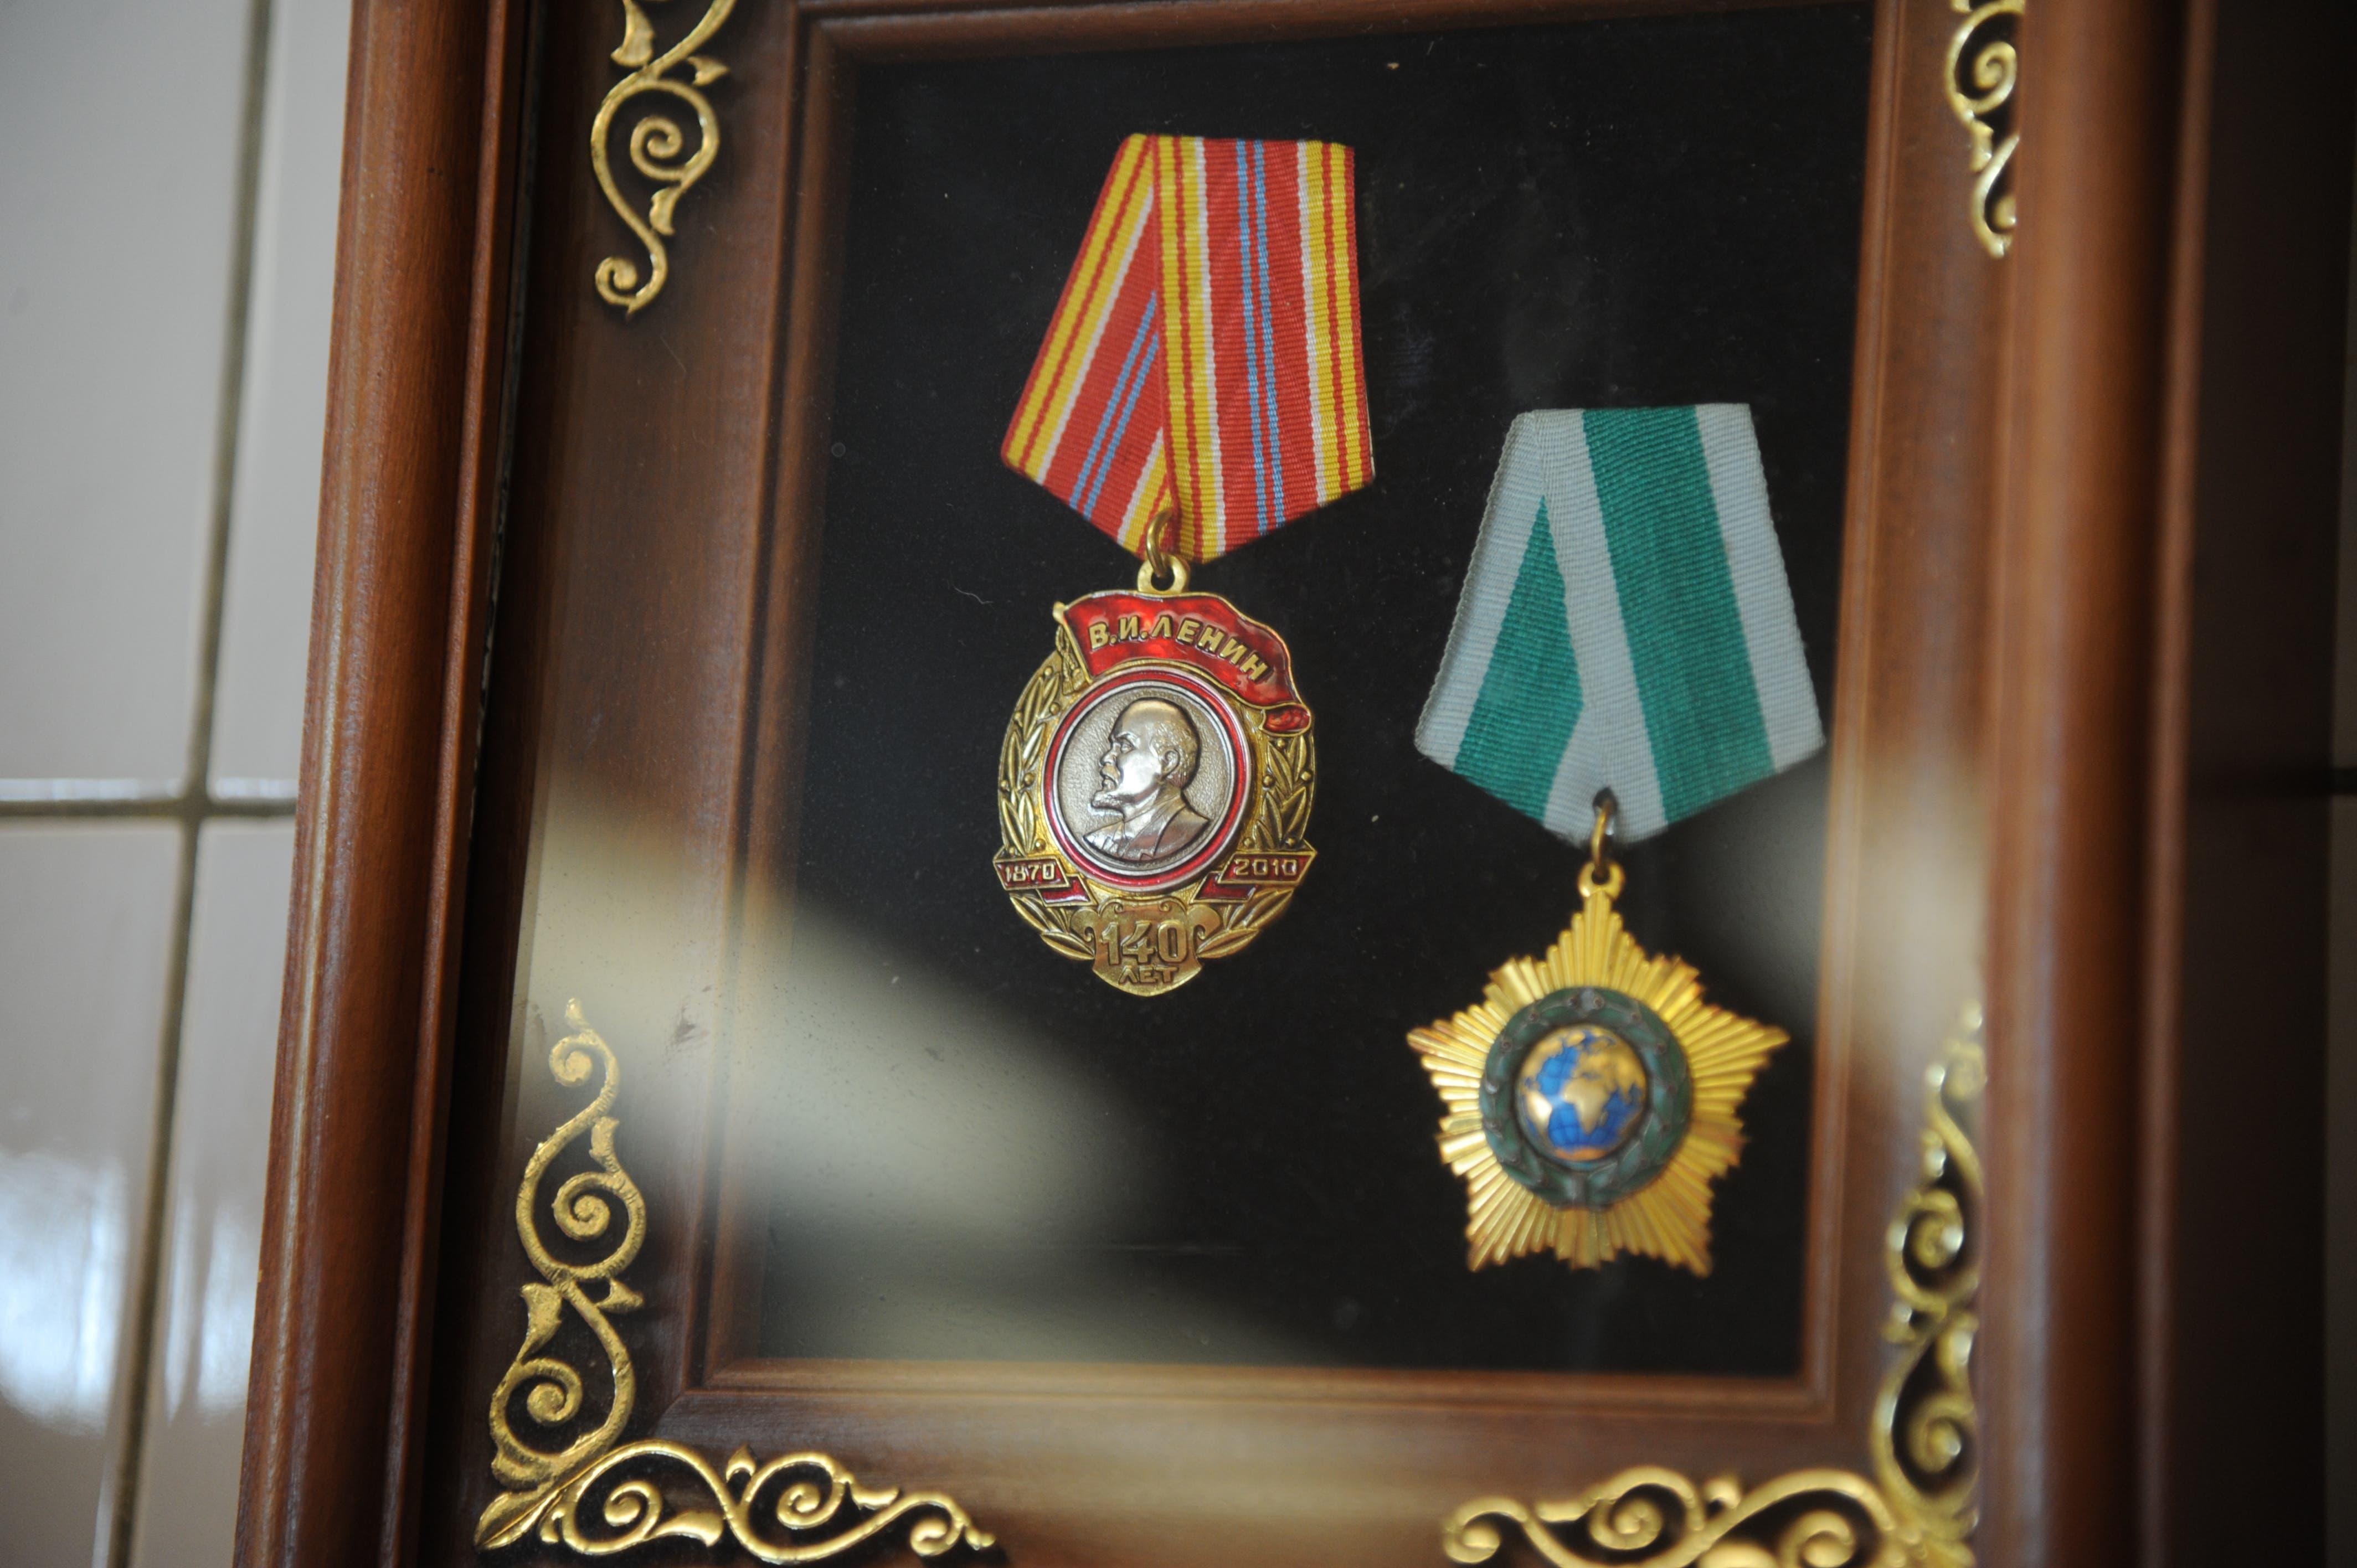 Für seinen Einsatz für Russland hat Ferdi Muheim bereits mehrere Orden erhalten: den Lenin-Orden (links) und den Orden der Freundschaft (rechts). In seiner Metzgerei kommen die Orden eingerahmt prominent zur Geltung. (Foto: Urs Hanhart (Andermatt, 8. Juni 2018))